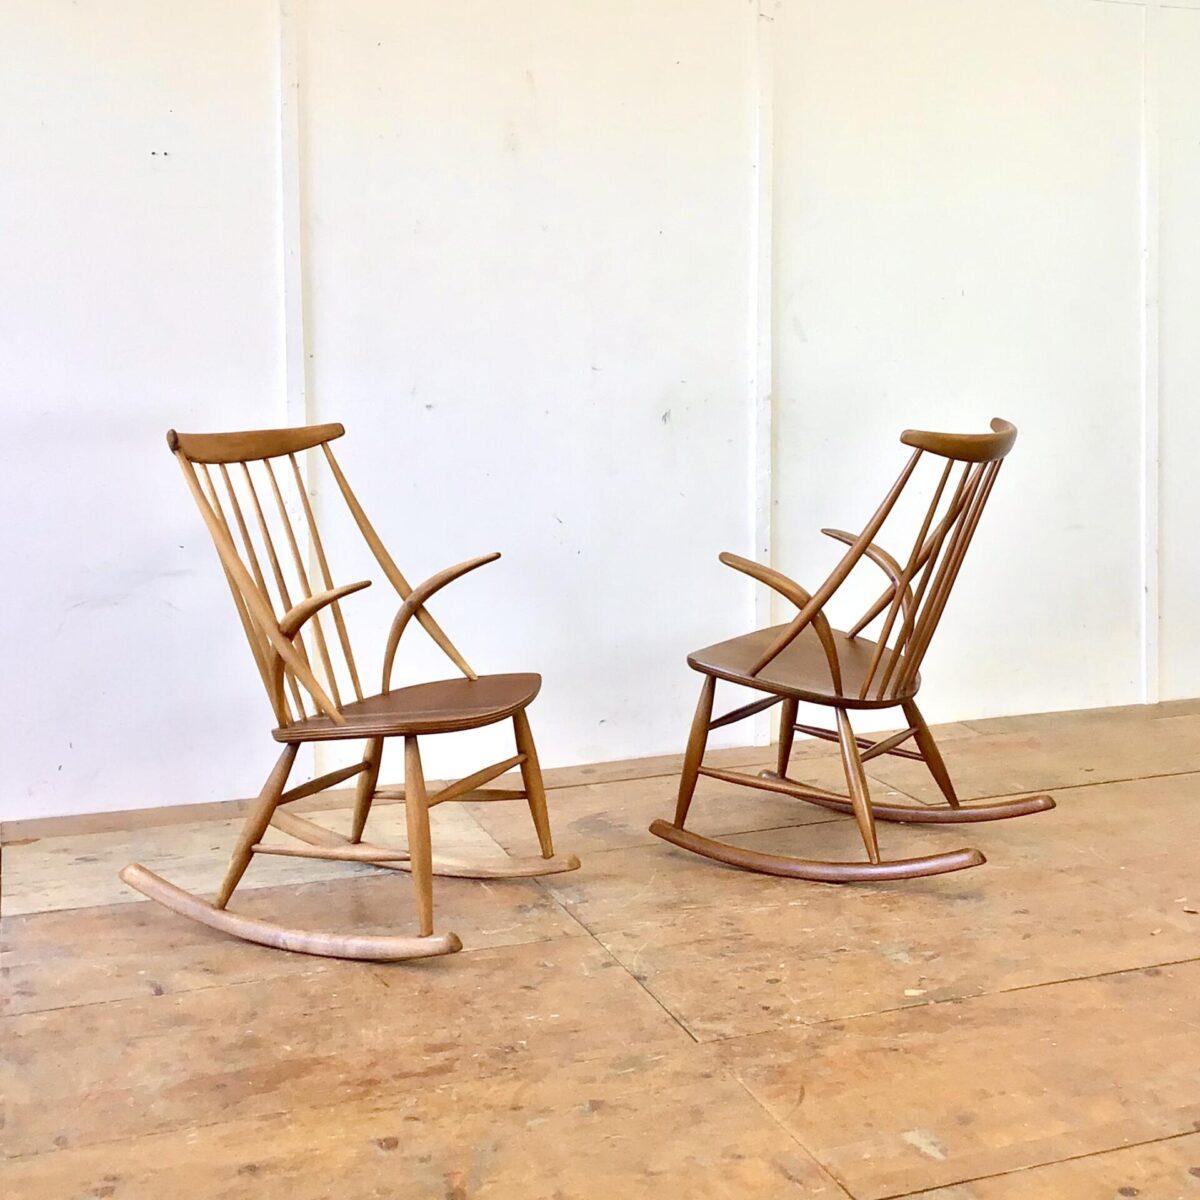 Deuxieme.shop danish midcentury rocking chair 2 Schaukelstühle von Illum Wikkelso, hergestellt von Niels Eilersen 60er Jahre. Diese zwei midcentury Schaukelstühle aus Dänemark, sind aus Buchenholz die Sitzfläche ist mit Teak furniert. Der etwas dunklere ist in schönem Original Zustand, leichte Patina. Der hellere war in schlechtem Zustand. Wurde komplett geschliffen und geölt, und hat jetzt eine lebhafte warm-matte Ausstrahlung. Beide Stühle verfügen über ein Zertifikat unter der Sitzfläche und sind in Stabilem Zustand. Der Preis gilt pro Stuhl.